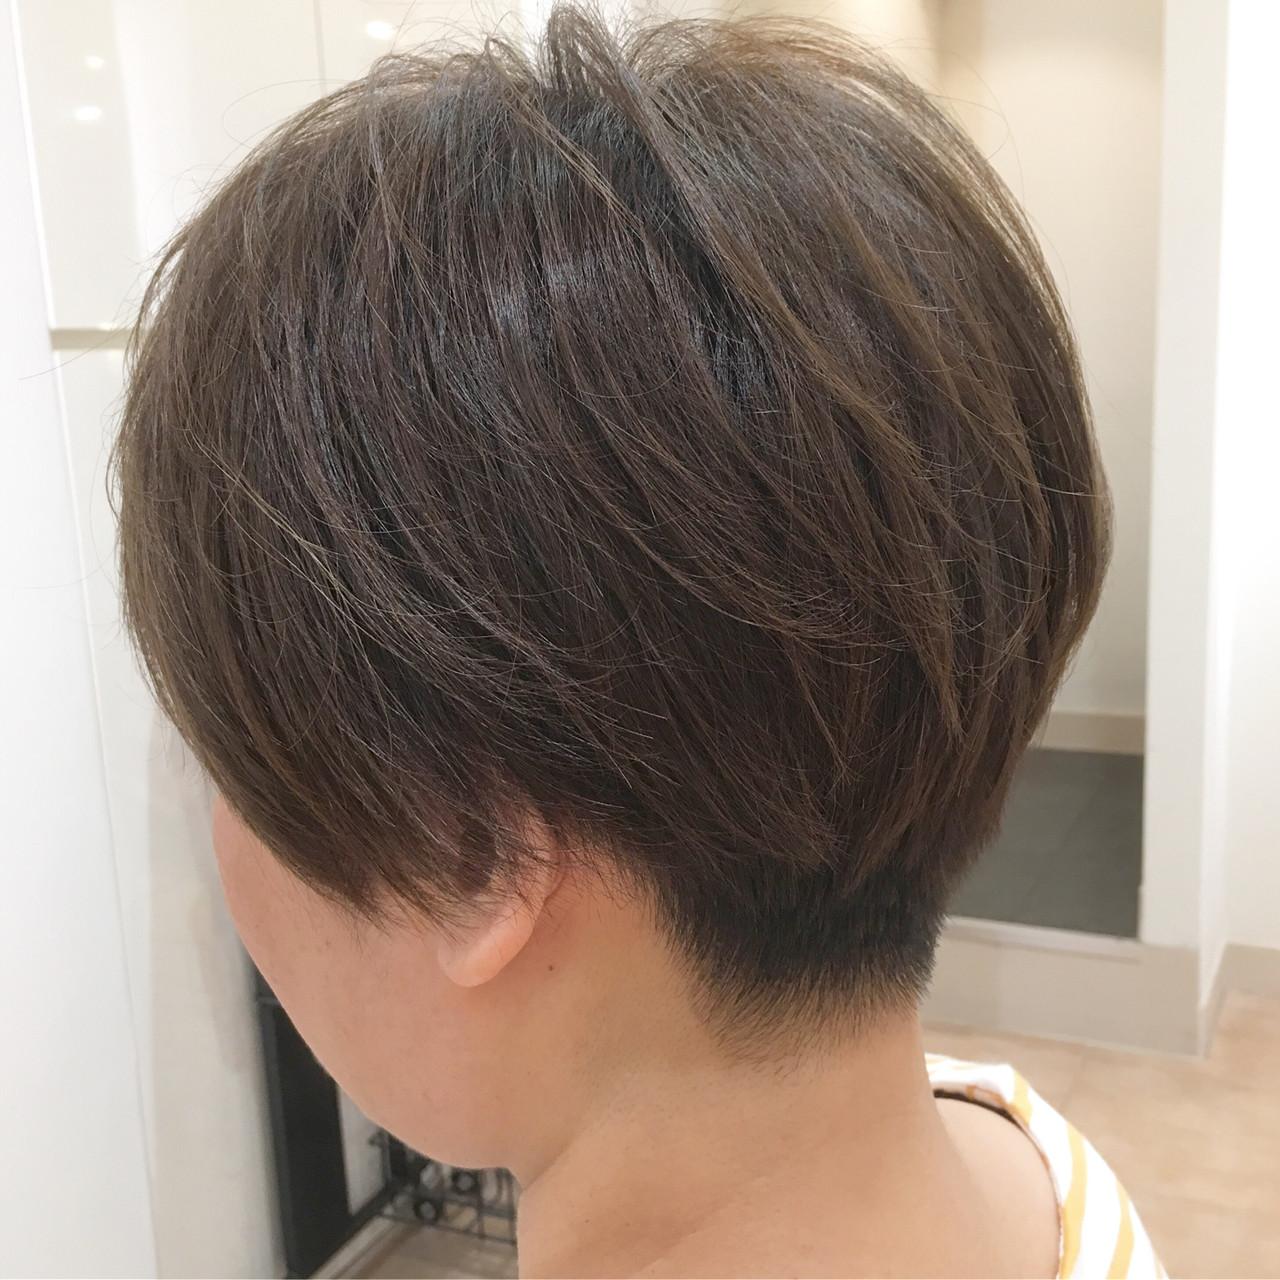 イルミナカラー グレーアッシュ アッシュグレー ショート ヘアスタイルや髪型の写真・画像